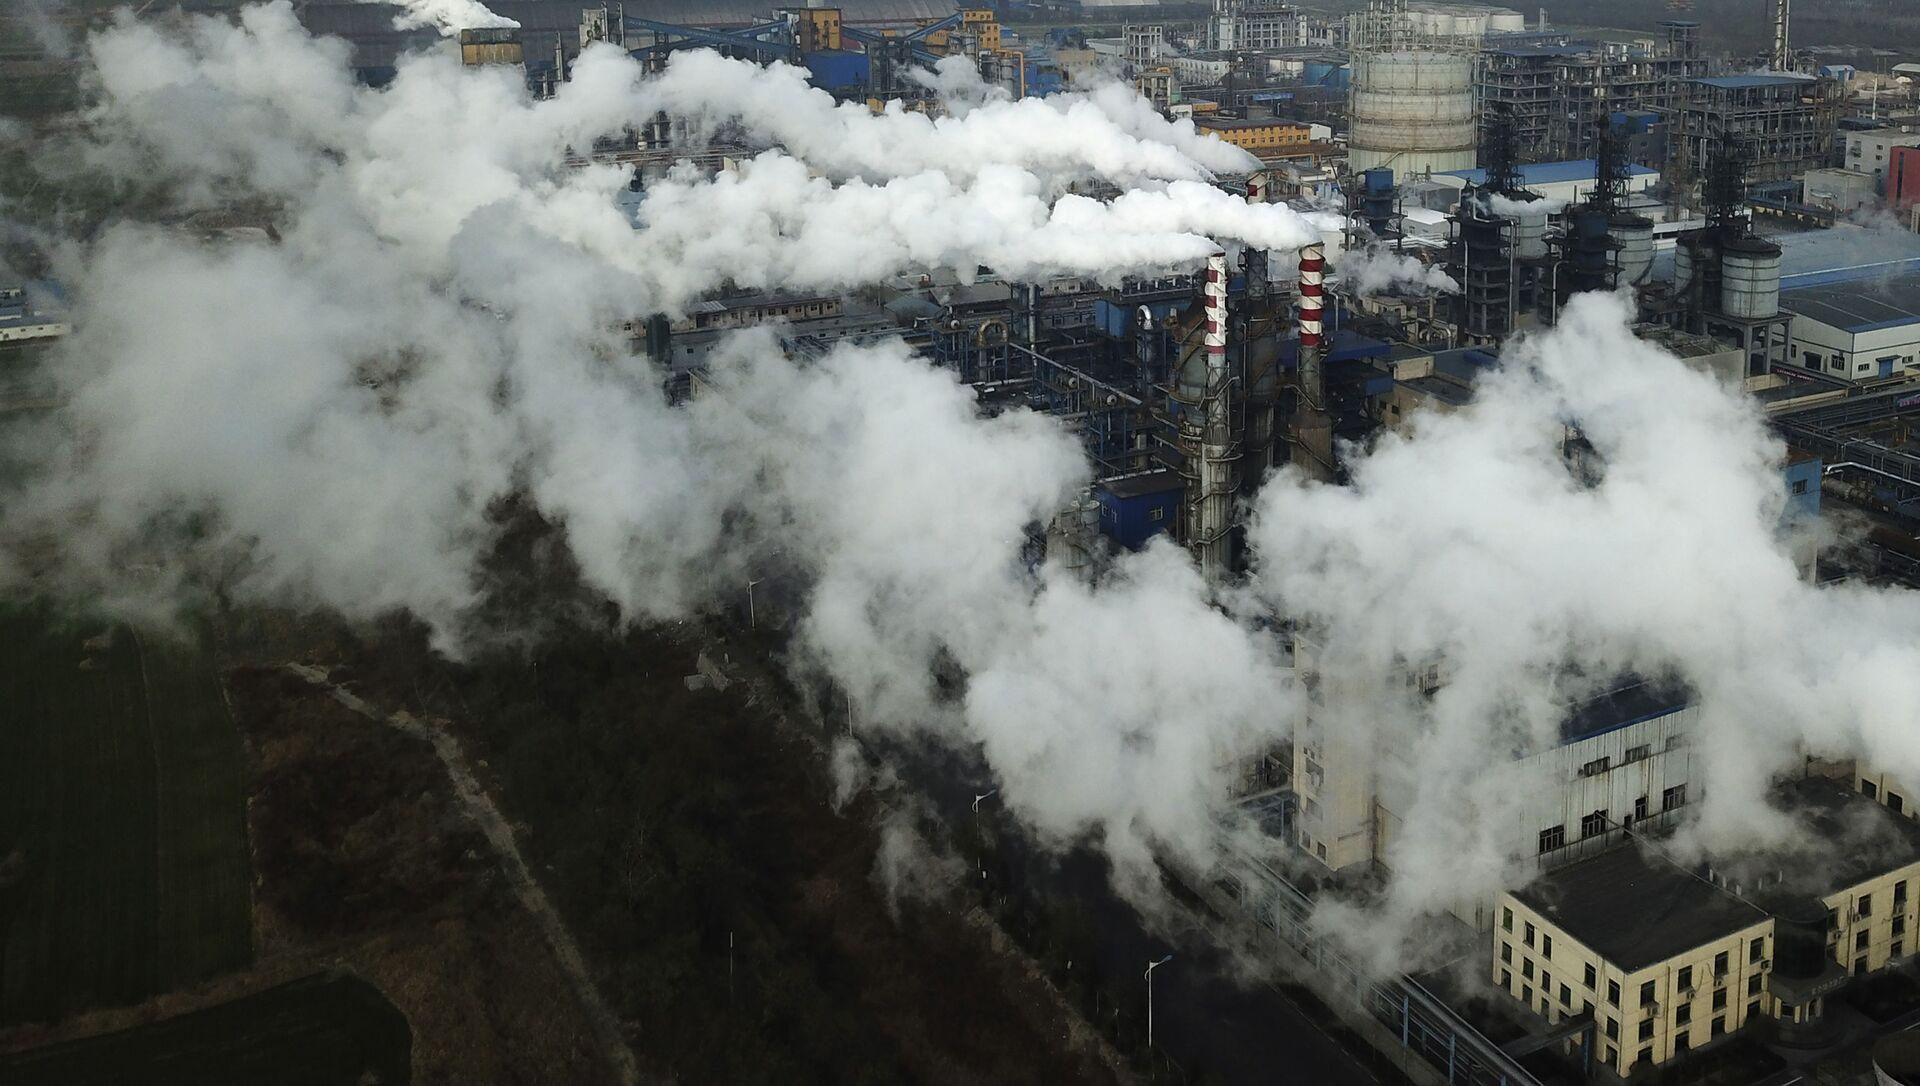 Khói và hơi nước từ nhà máy chế biến than ở Hà Kinh, Trung Quốc. - Sputnik Việt Nam, 1920, 27.09.2021